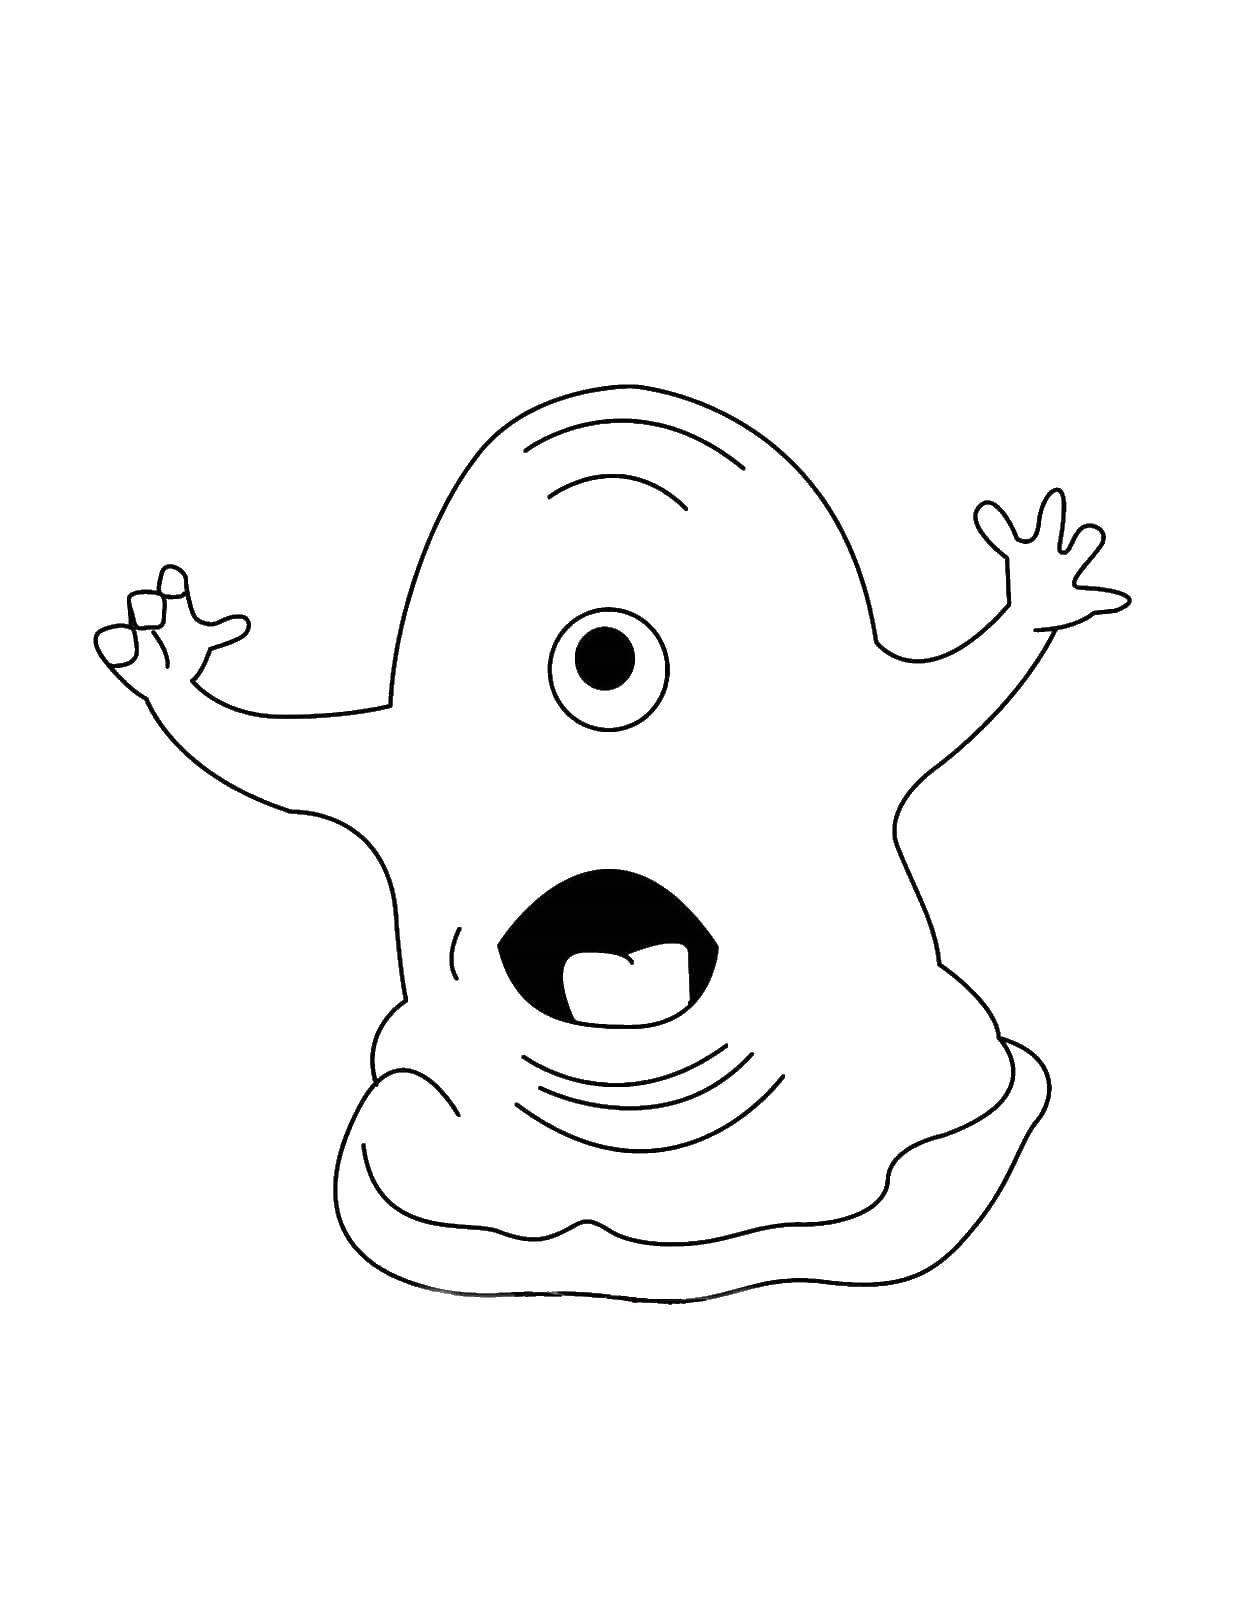 Раскраска Боб бесформенный и студенистый Скачать Монстры, против пришельцев, боб.  Распечатать ,Монстры против пришельцев мультик,